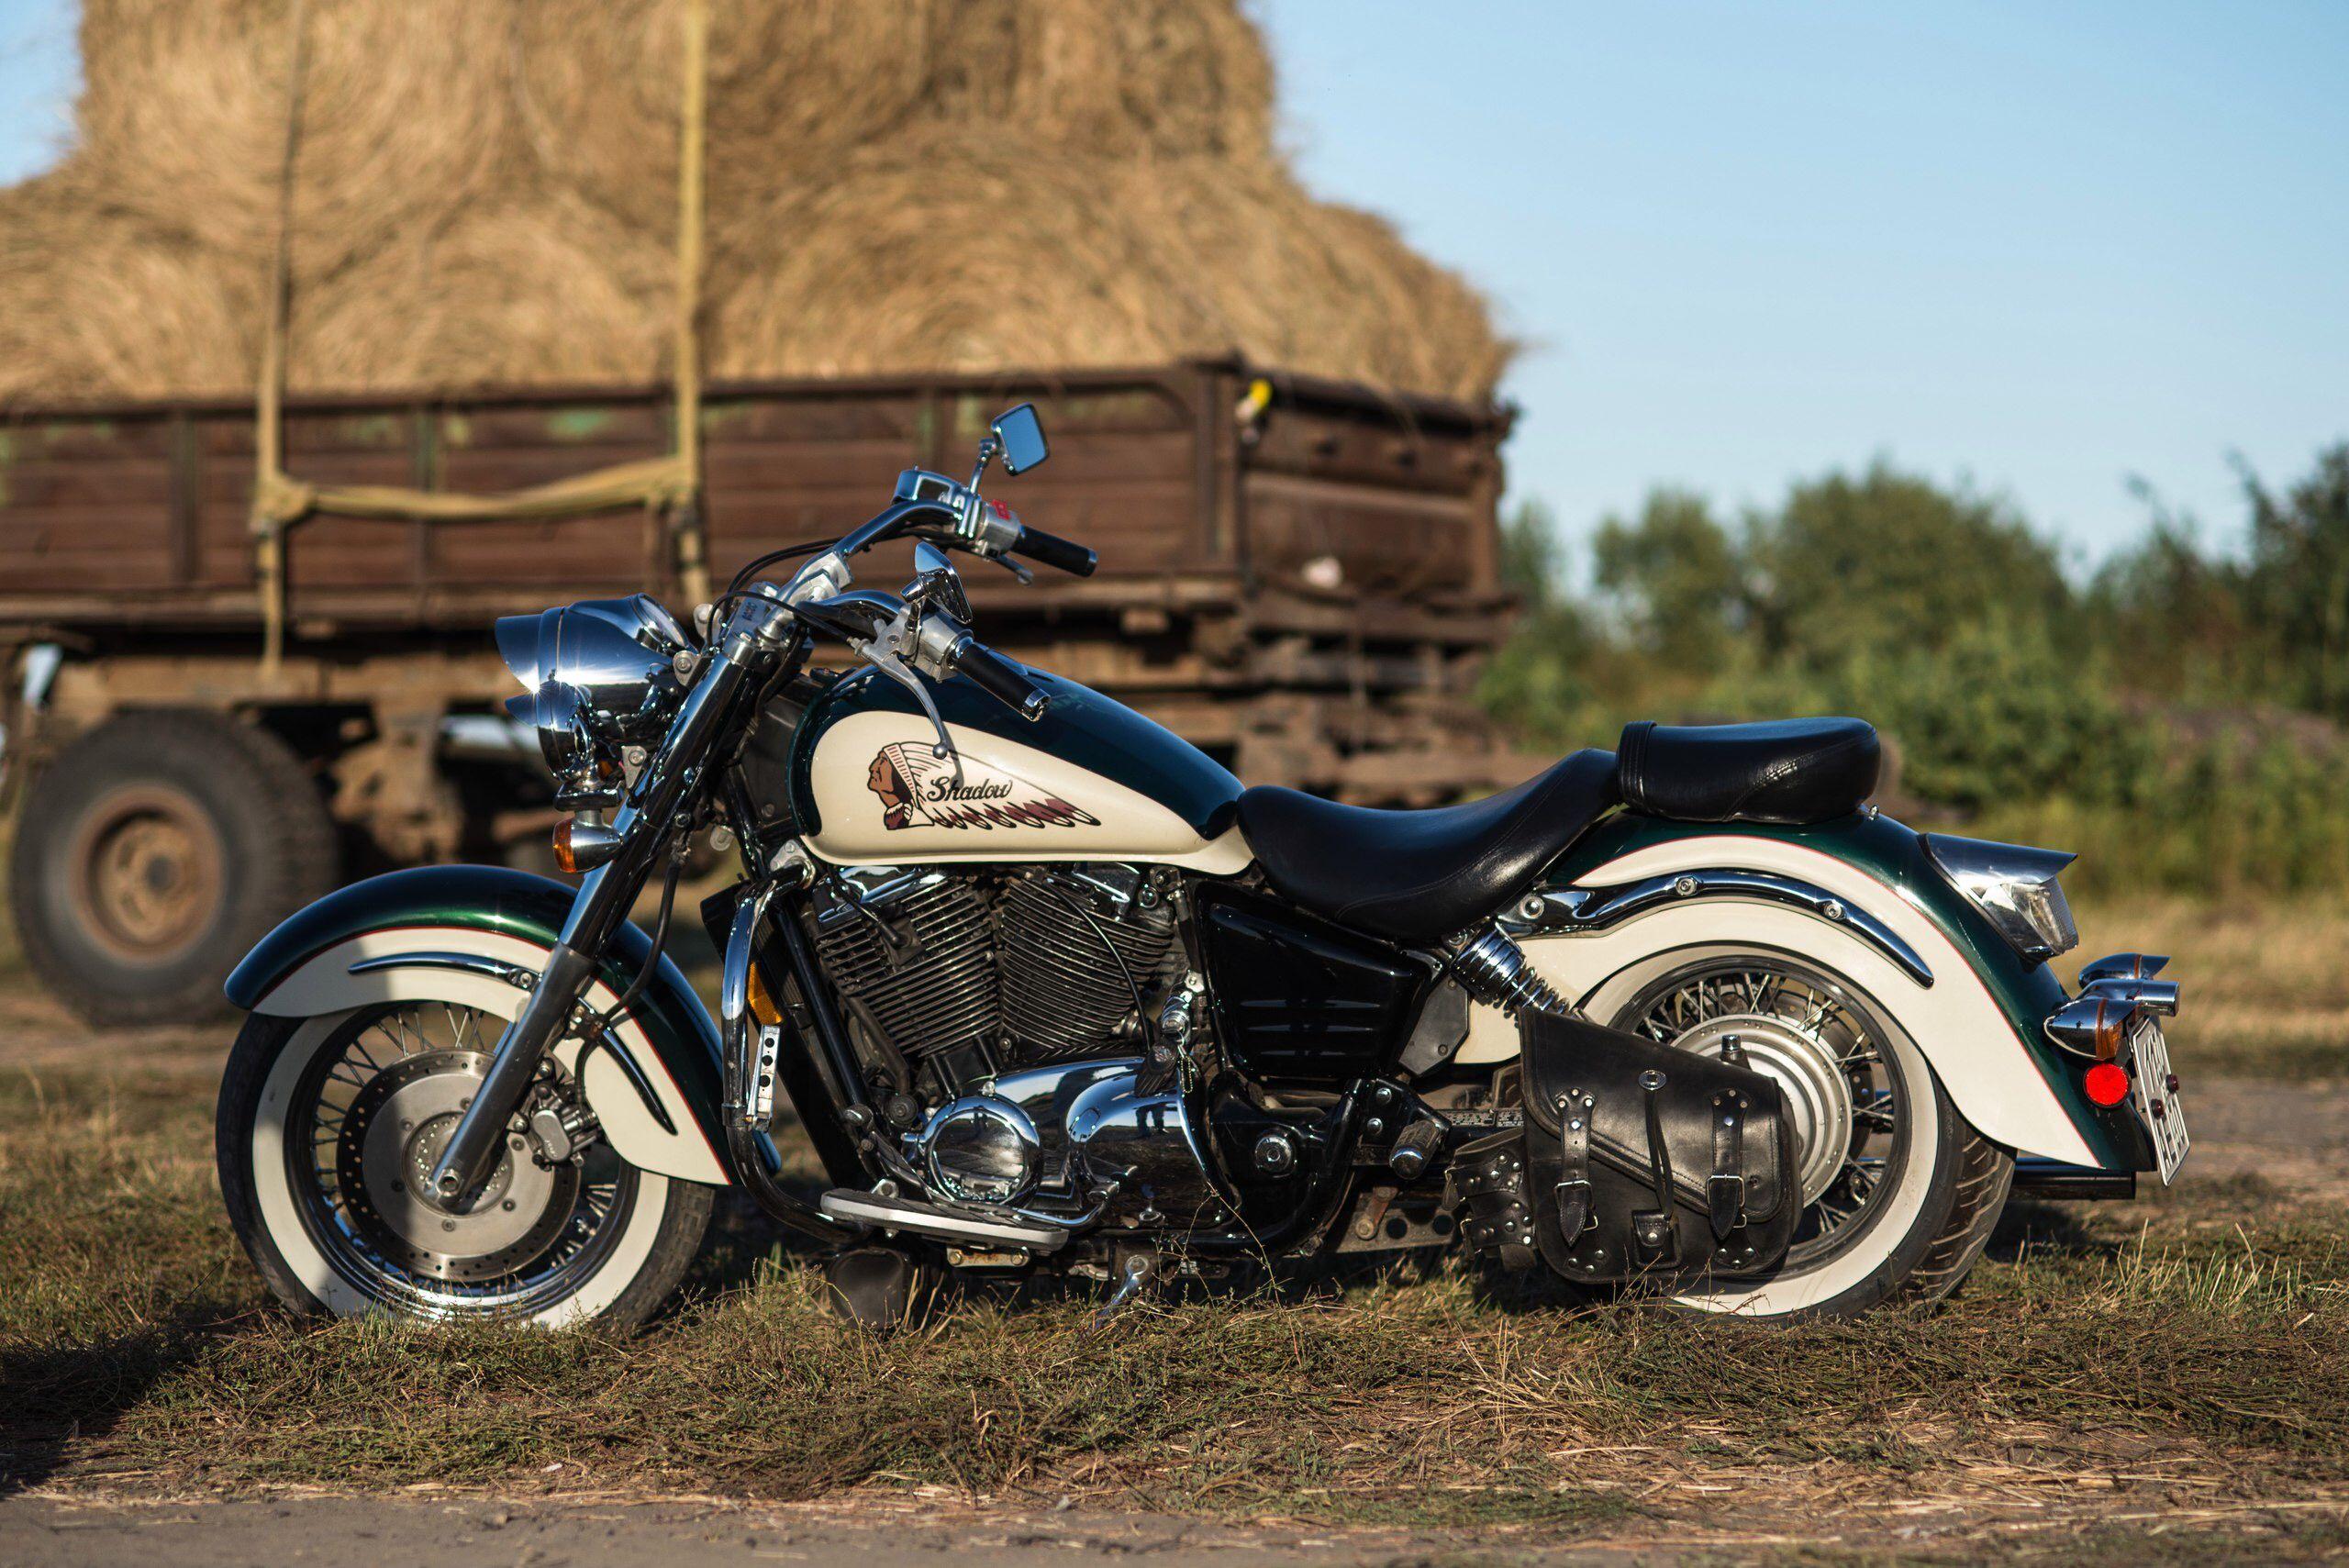 Honda Shadow, Motorcycles, Bike, Models, Paintings, Cars, Motorbikes,  Biking, Motors